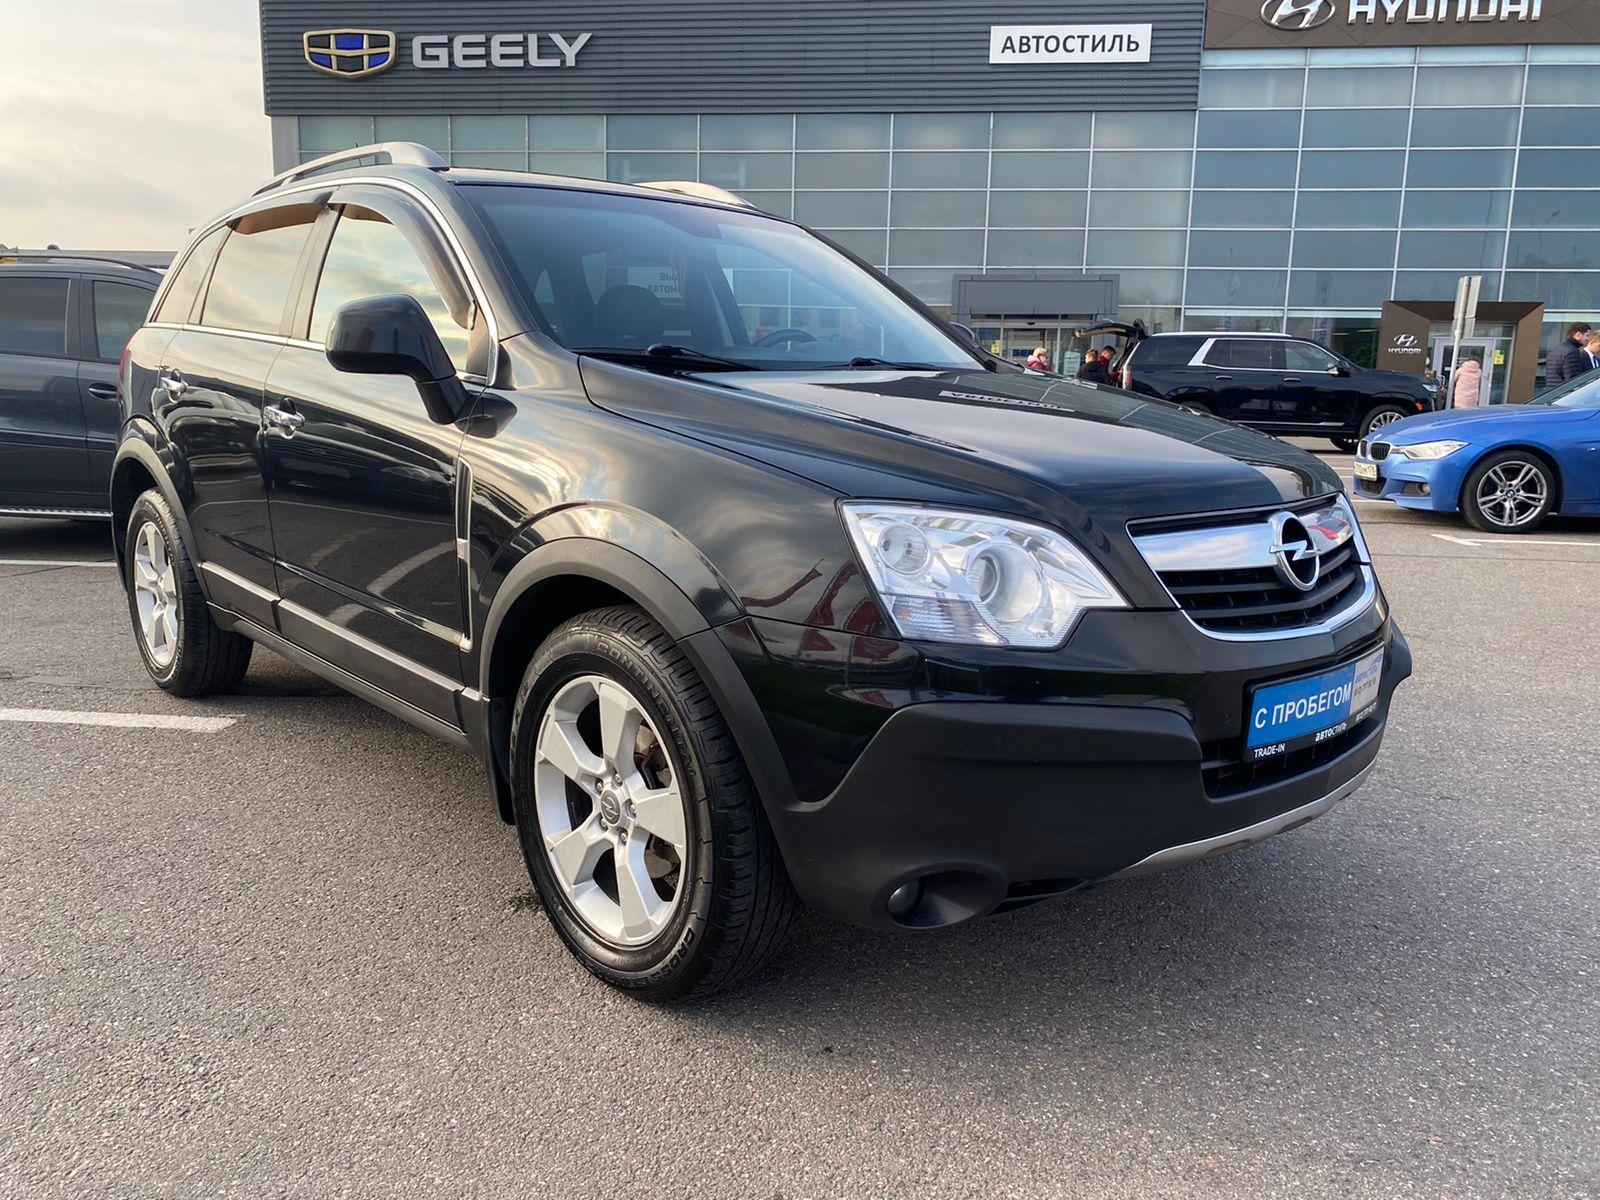 Opel Antara, 1 поколение